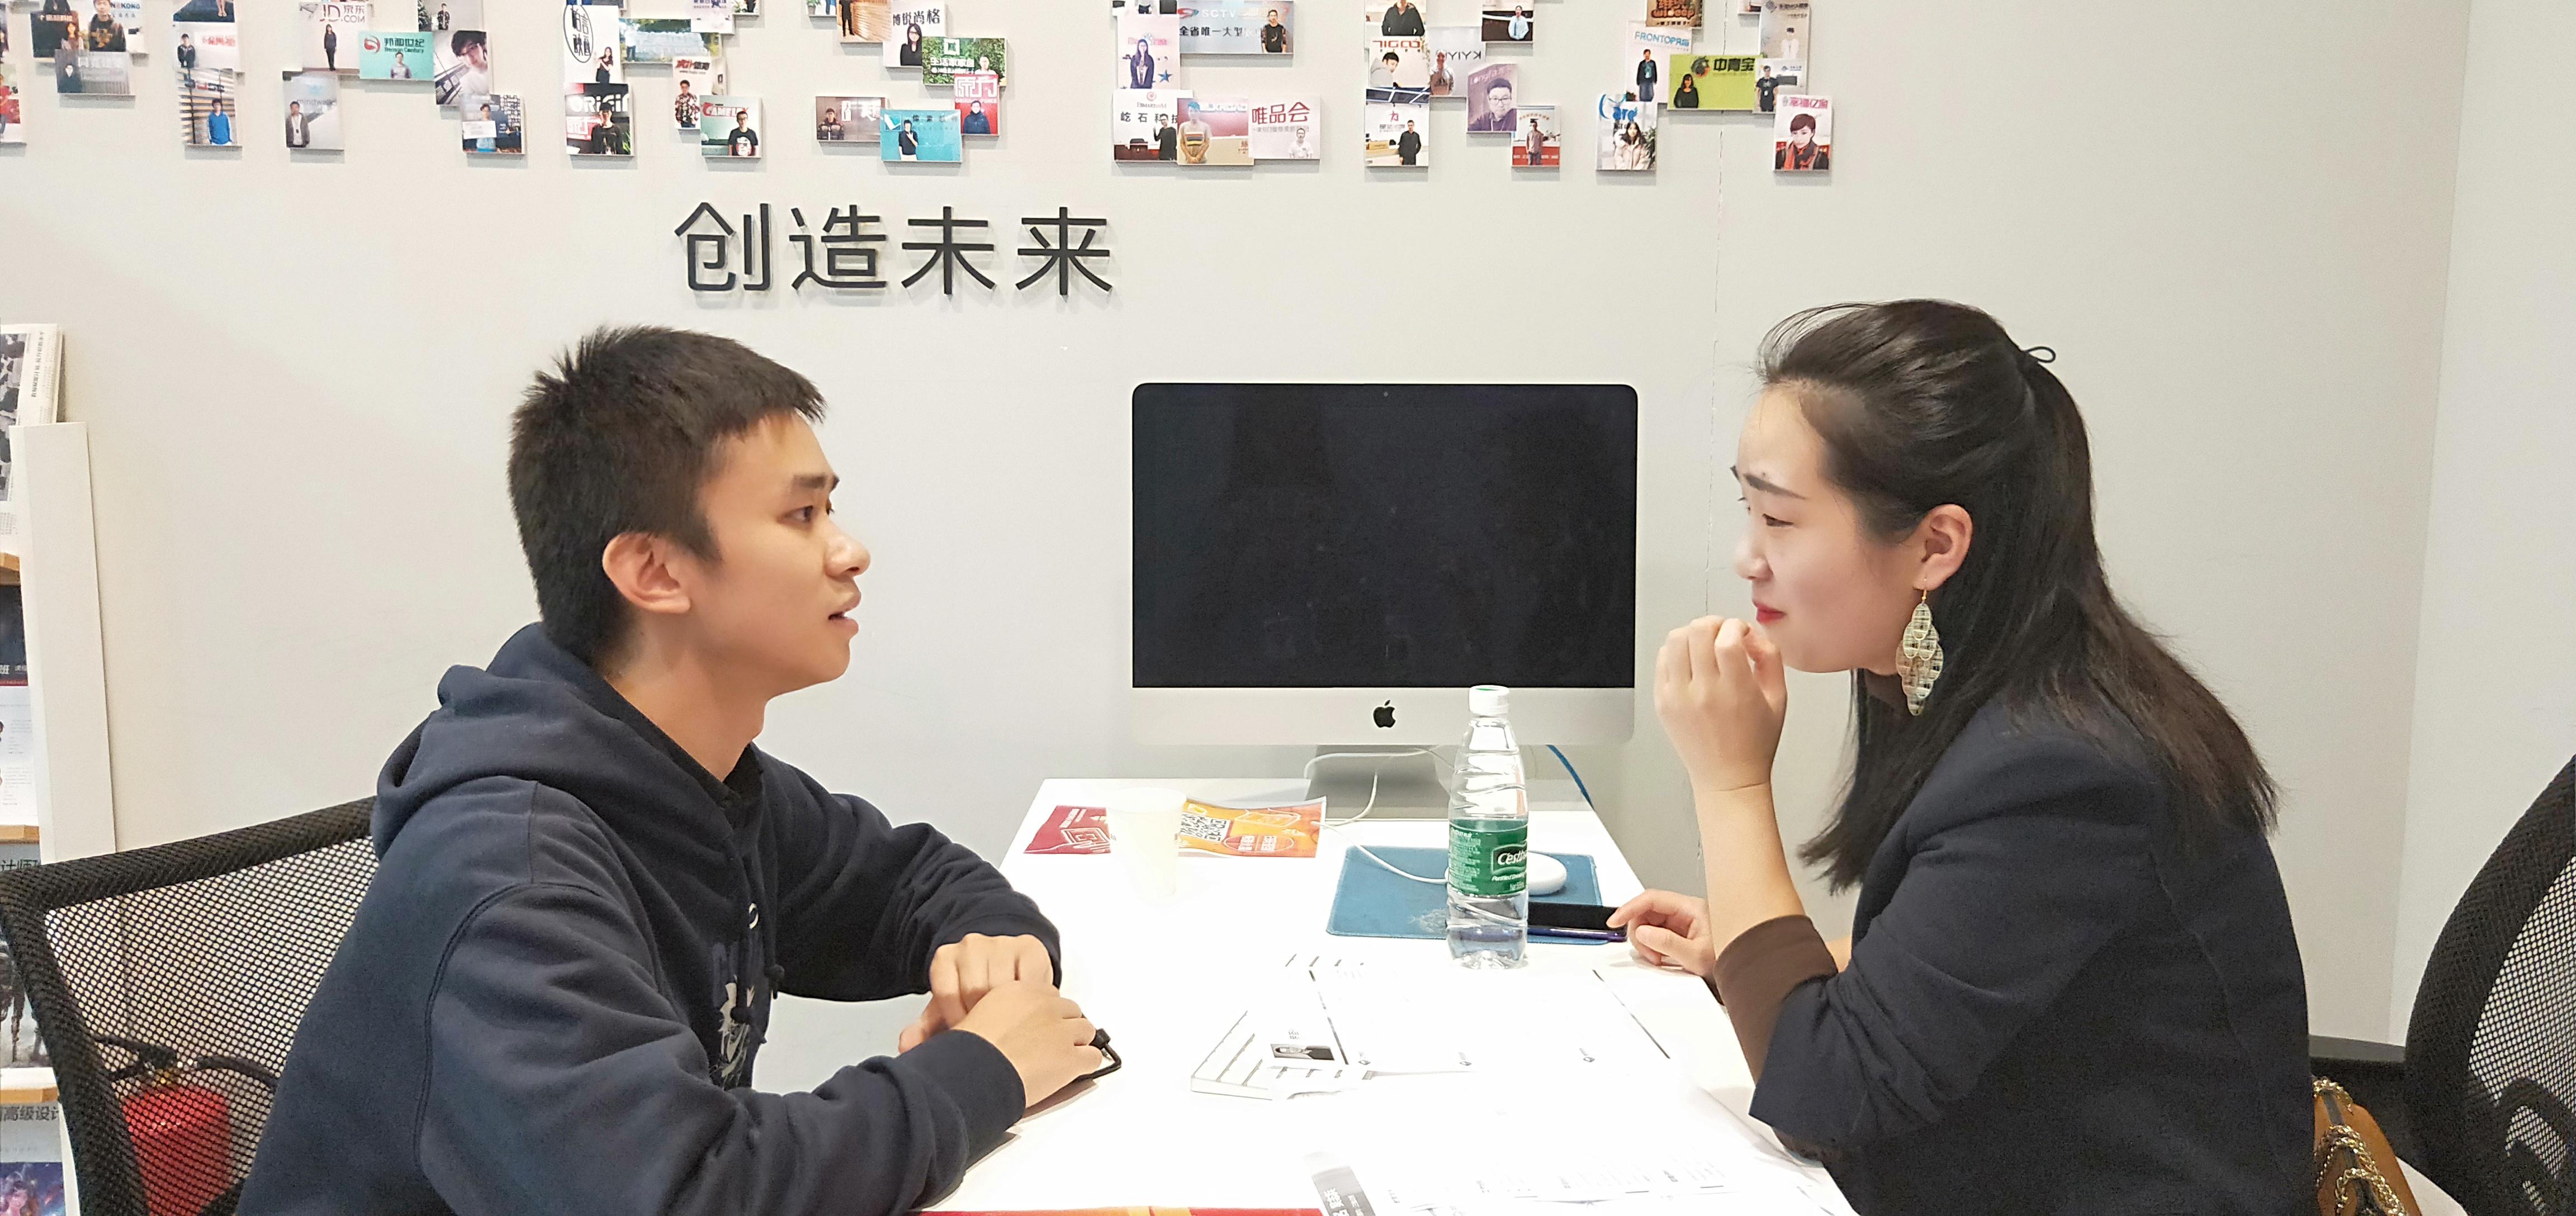 深圳火星时代迎来新伙伴  进校招聘收揽人才